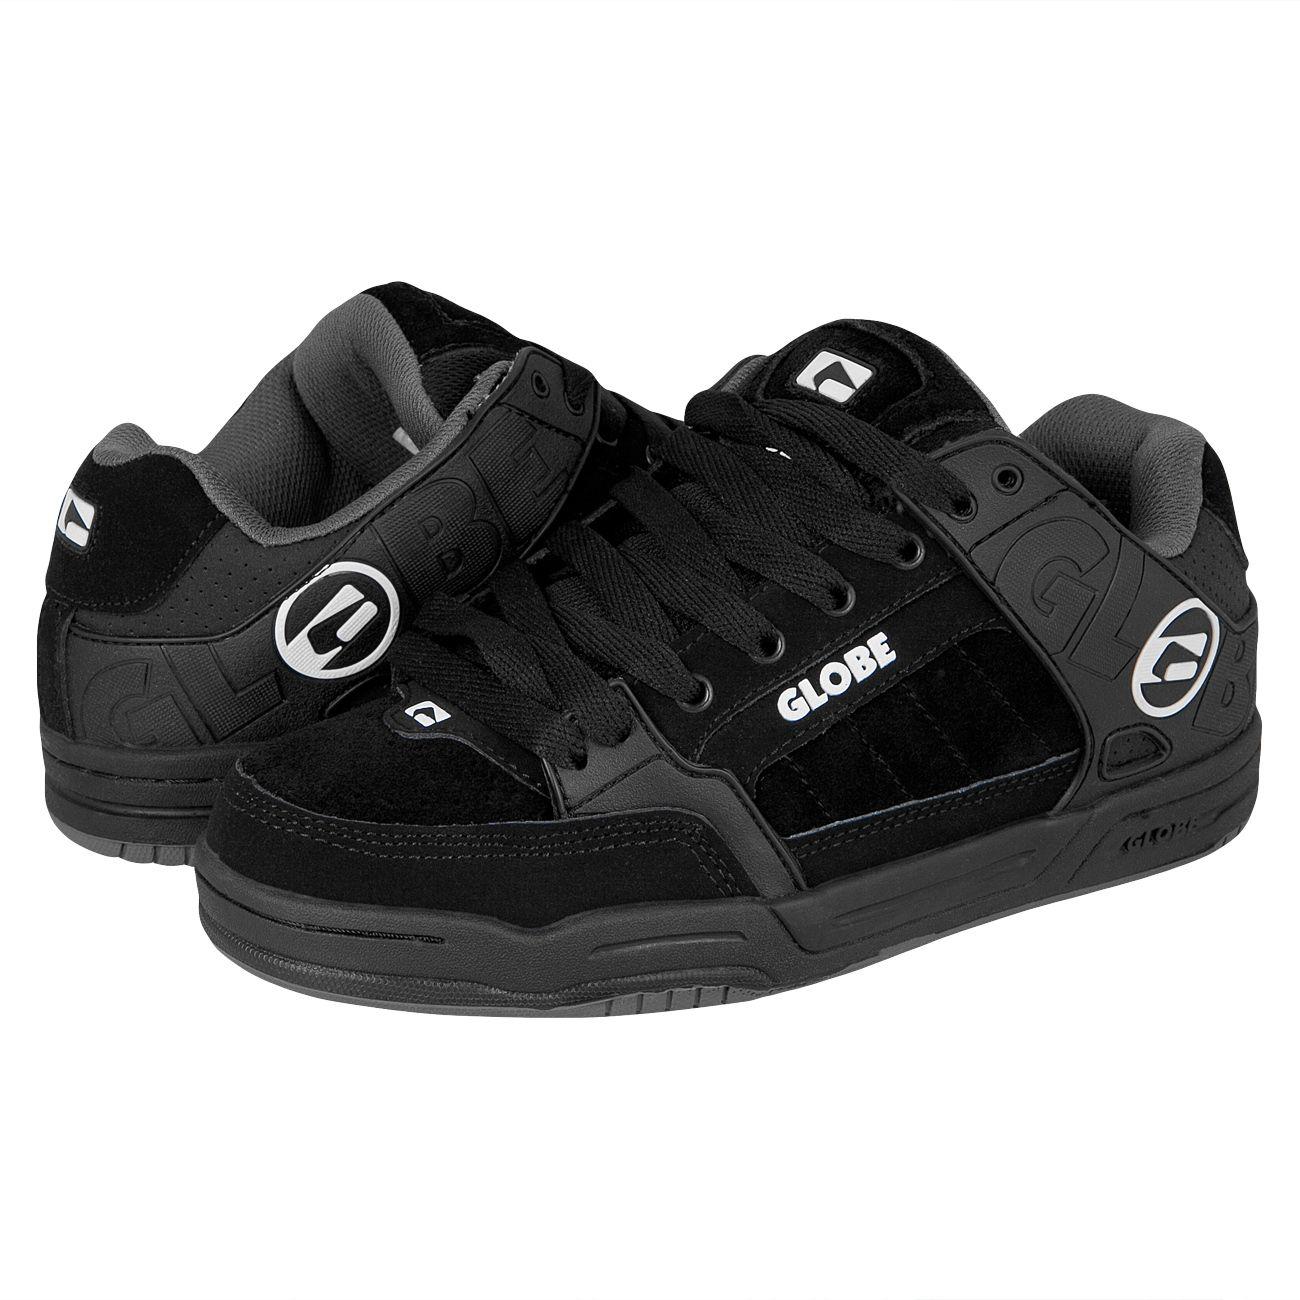 d86017e2020 Globe Skate Shoes